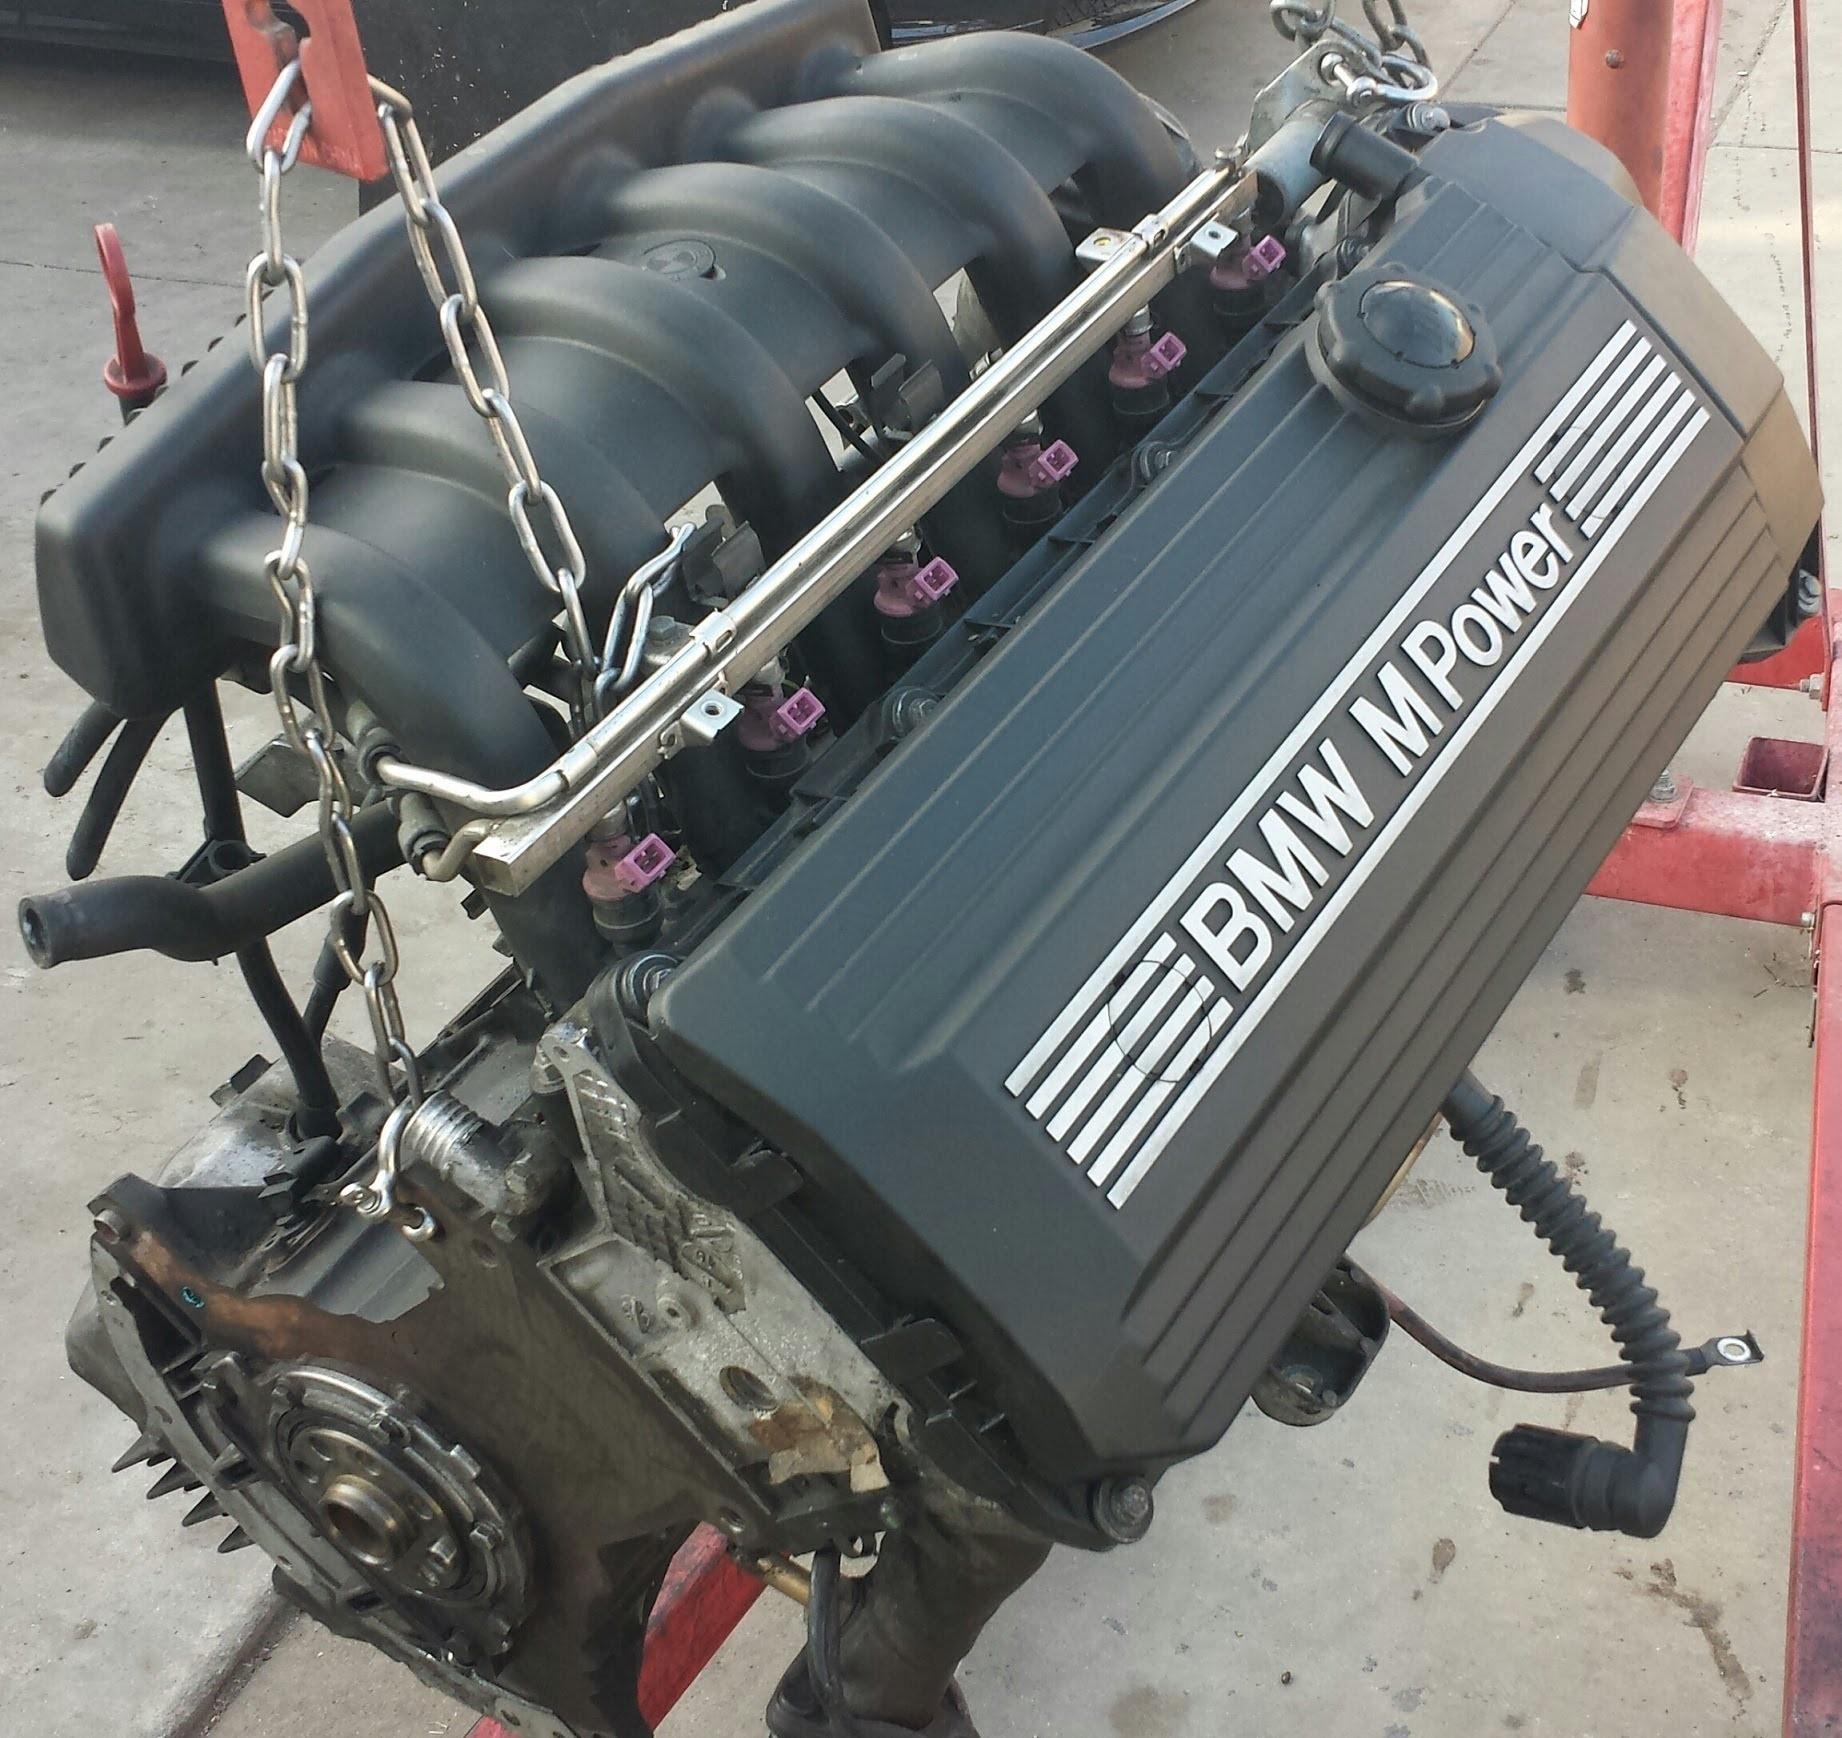 1994 Bmw 325i Engine Diagram Bmw E36 M3 Engine Maintenance Diagram 325 328  S52 Motor Of